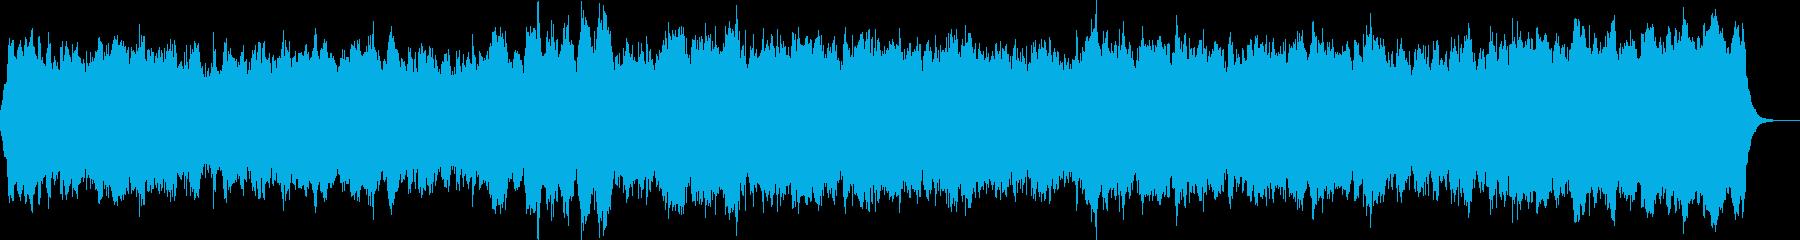 バッハのような重厚で三声のバロック曲の再生済みの波形